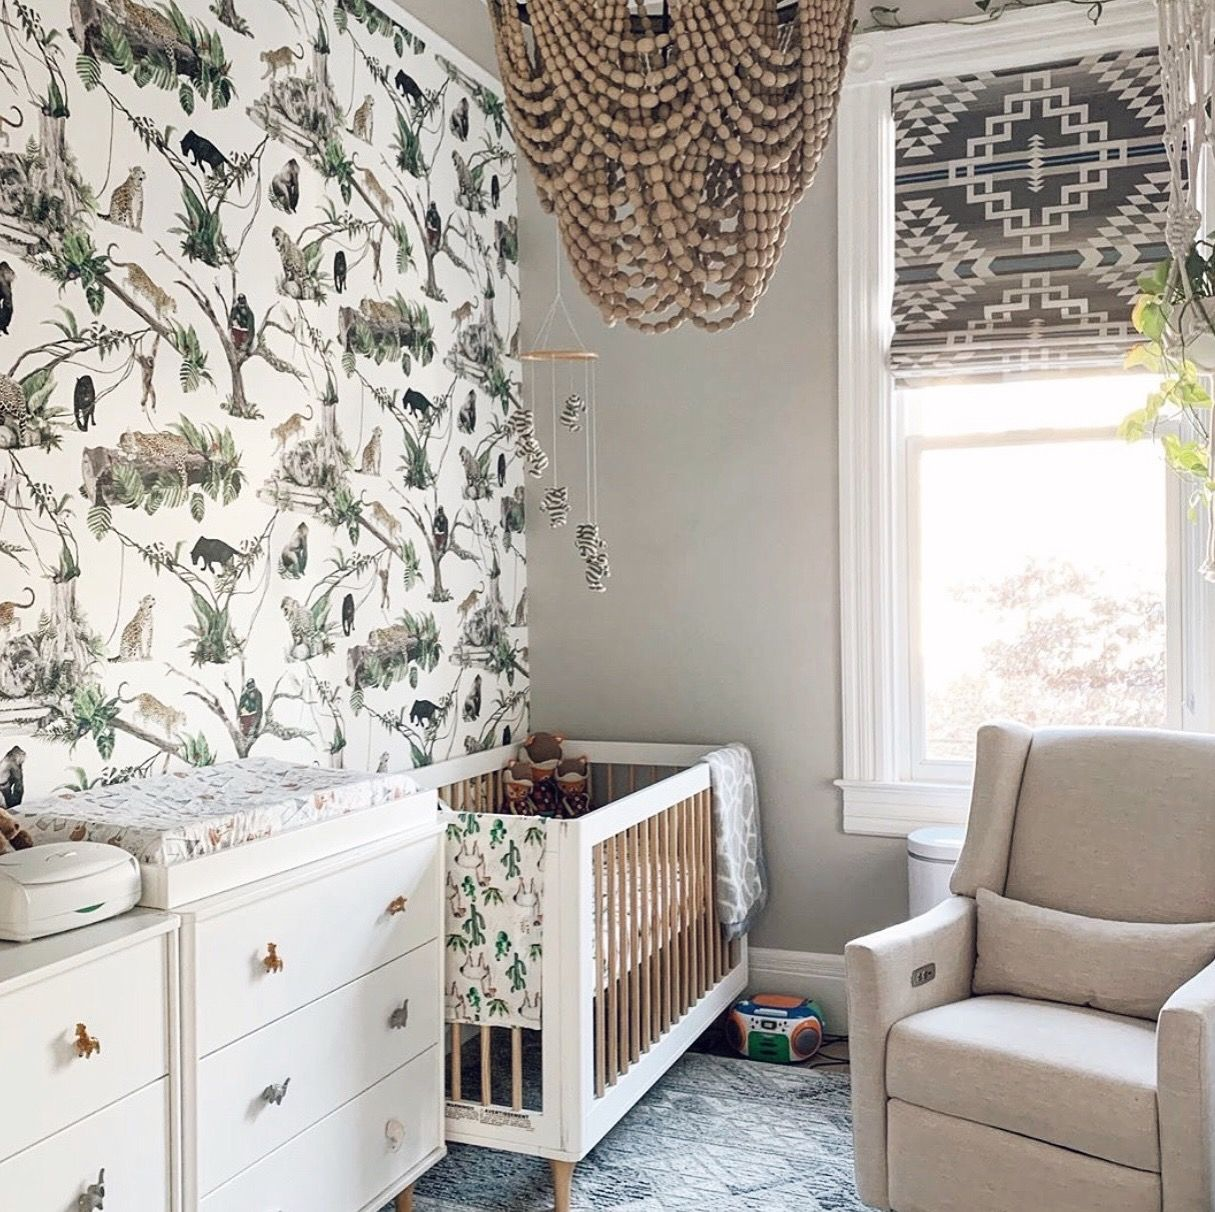 Jungle Massive Wallpaper White in 2020 Jungle theme